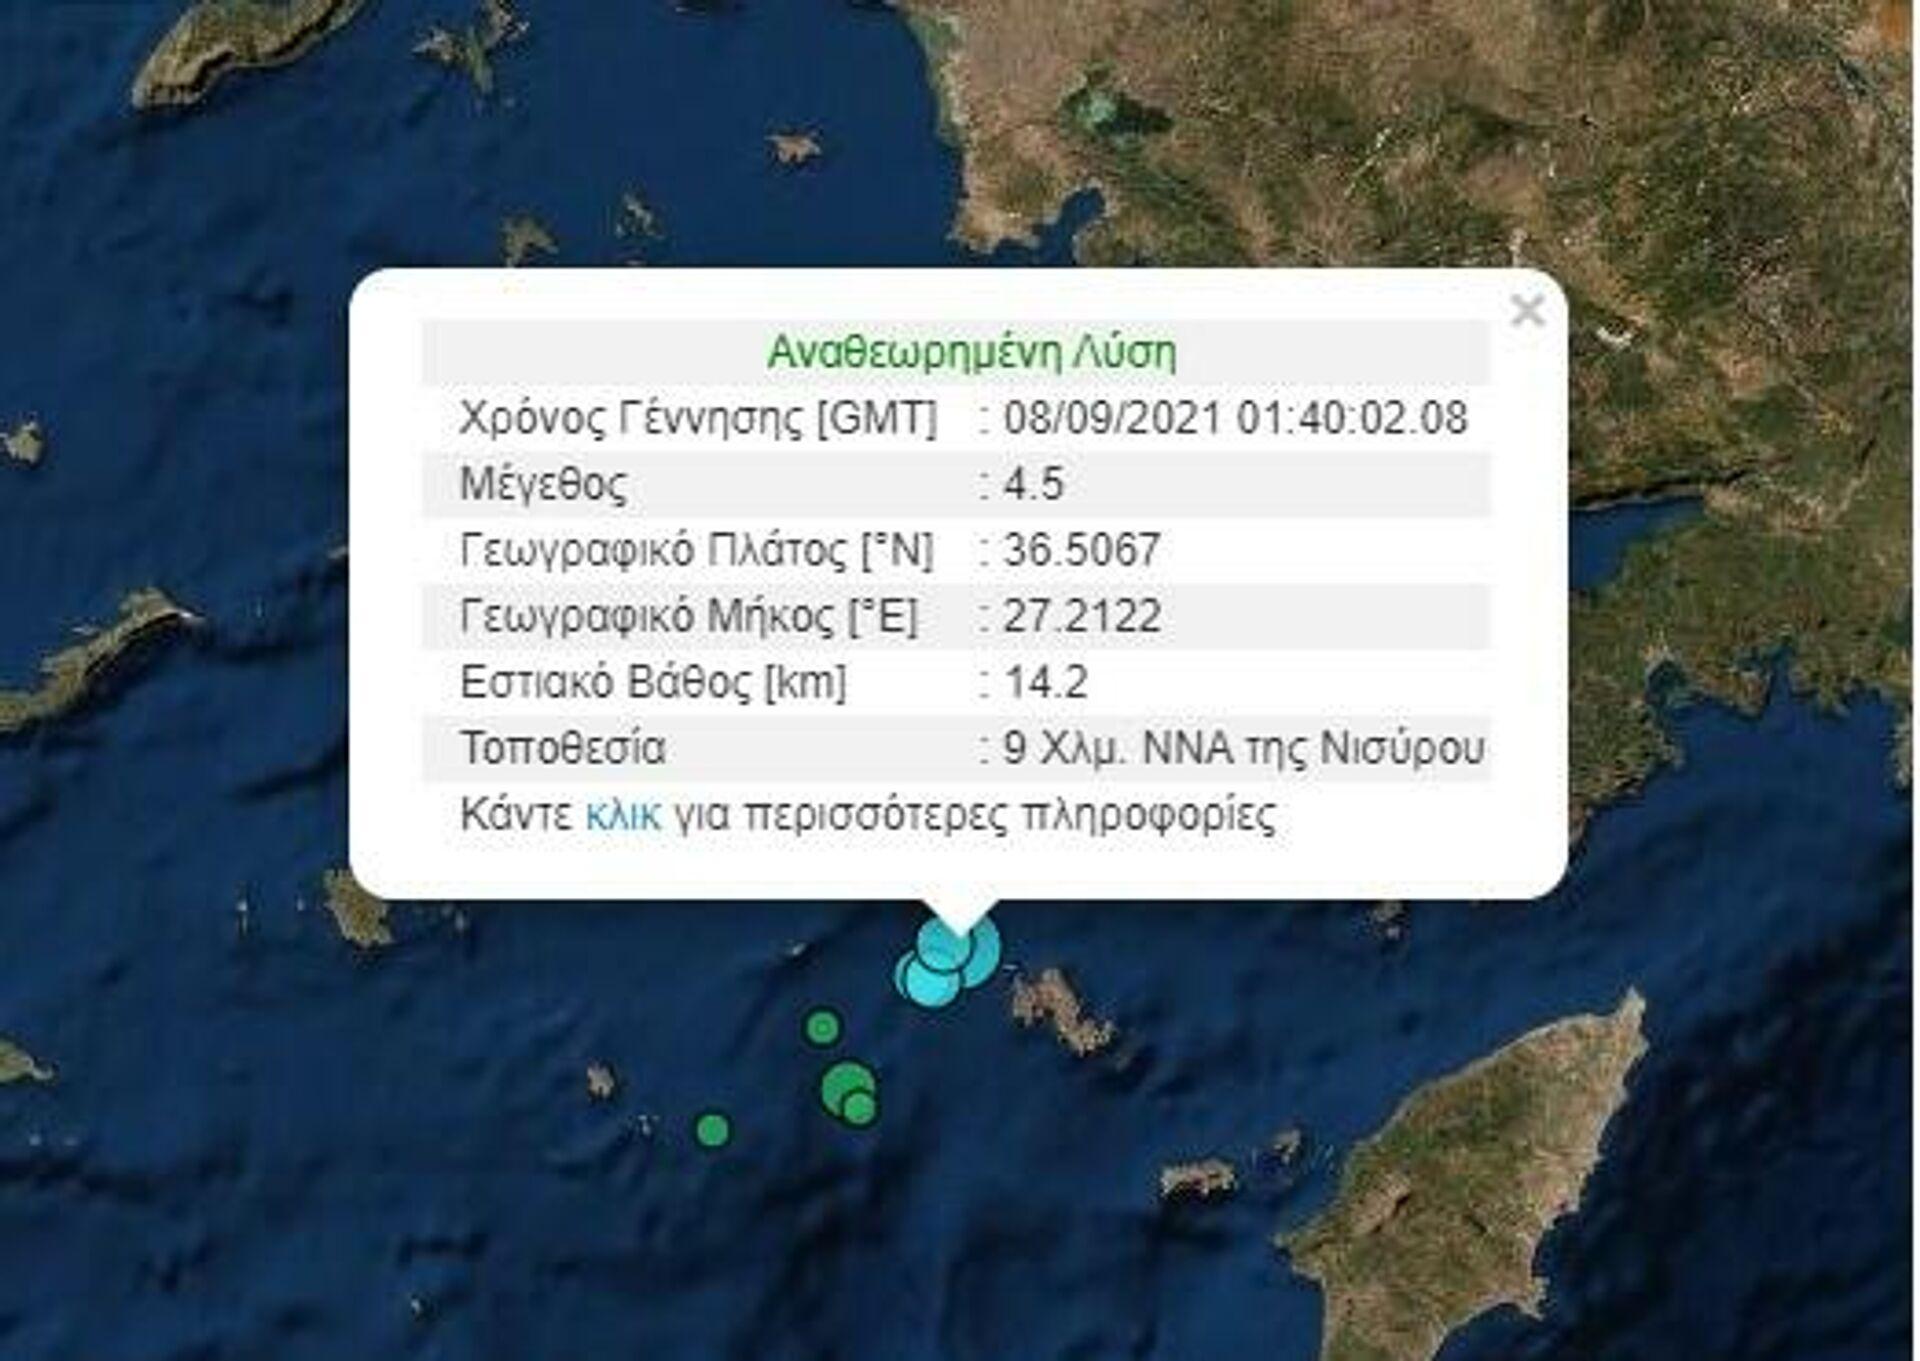 Σεισμός 4,5 Ρίχτερ στη Νίσυρο - Sputnik Ελλάδα, 1920, 08.09.2021